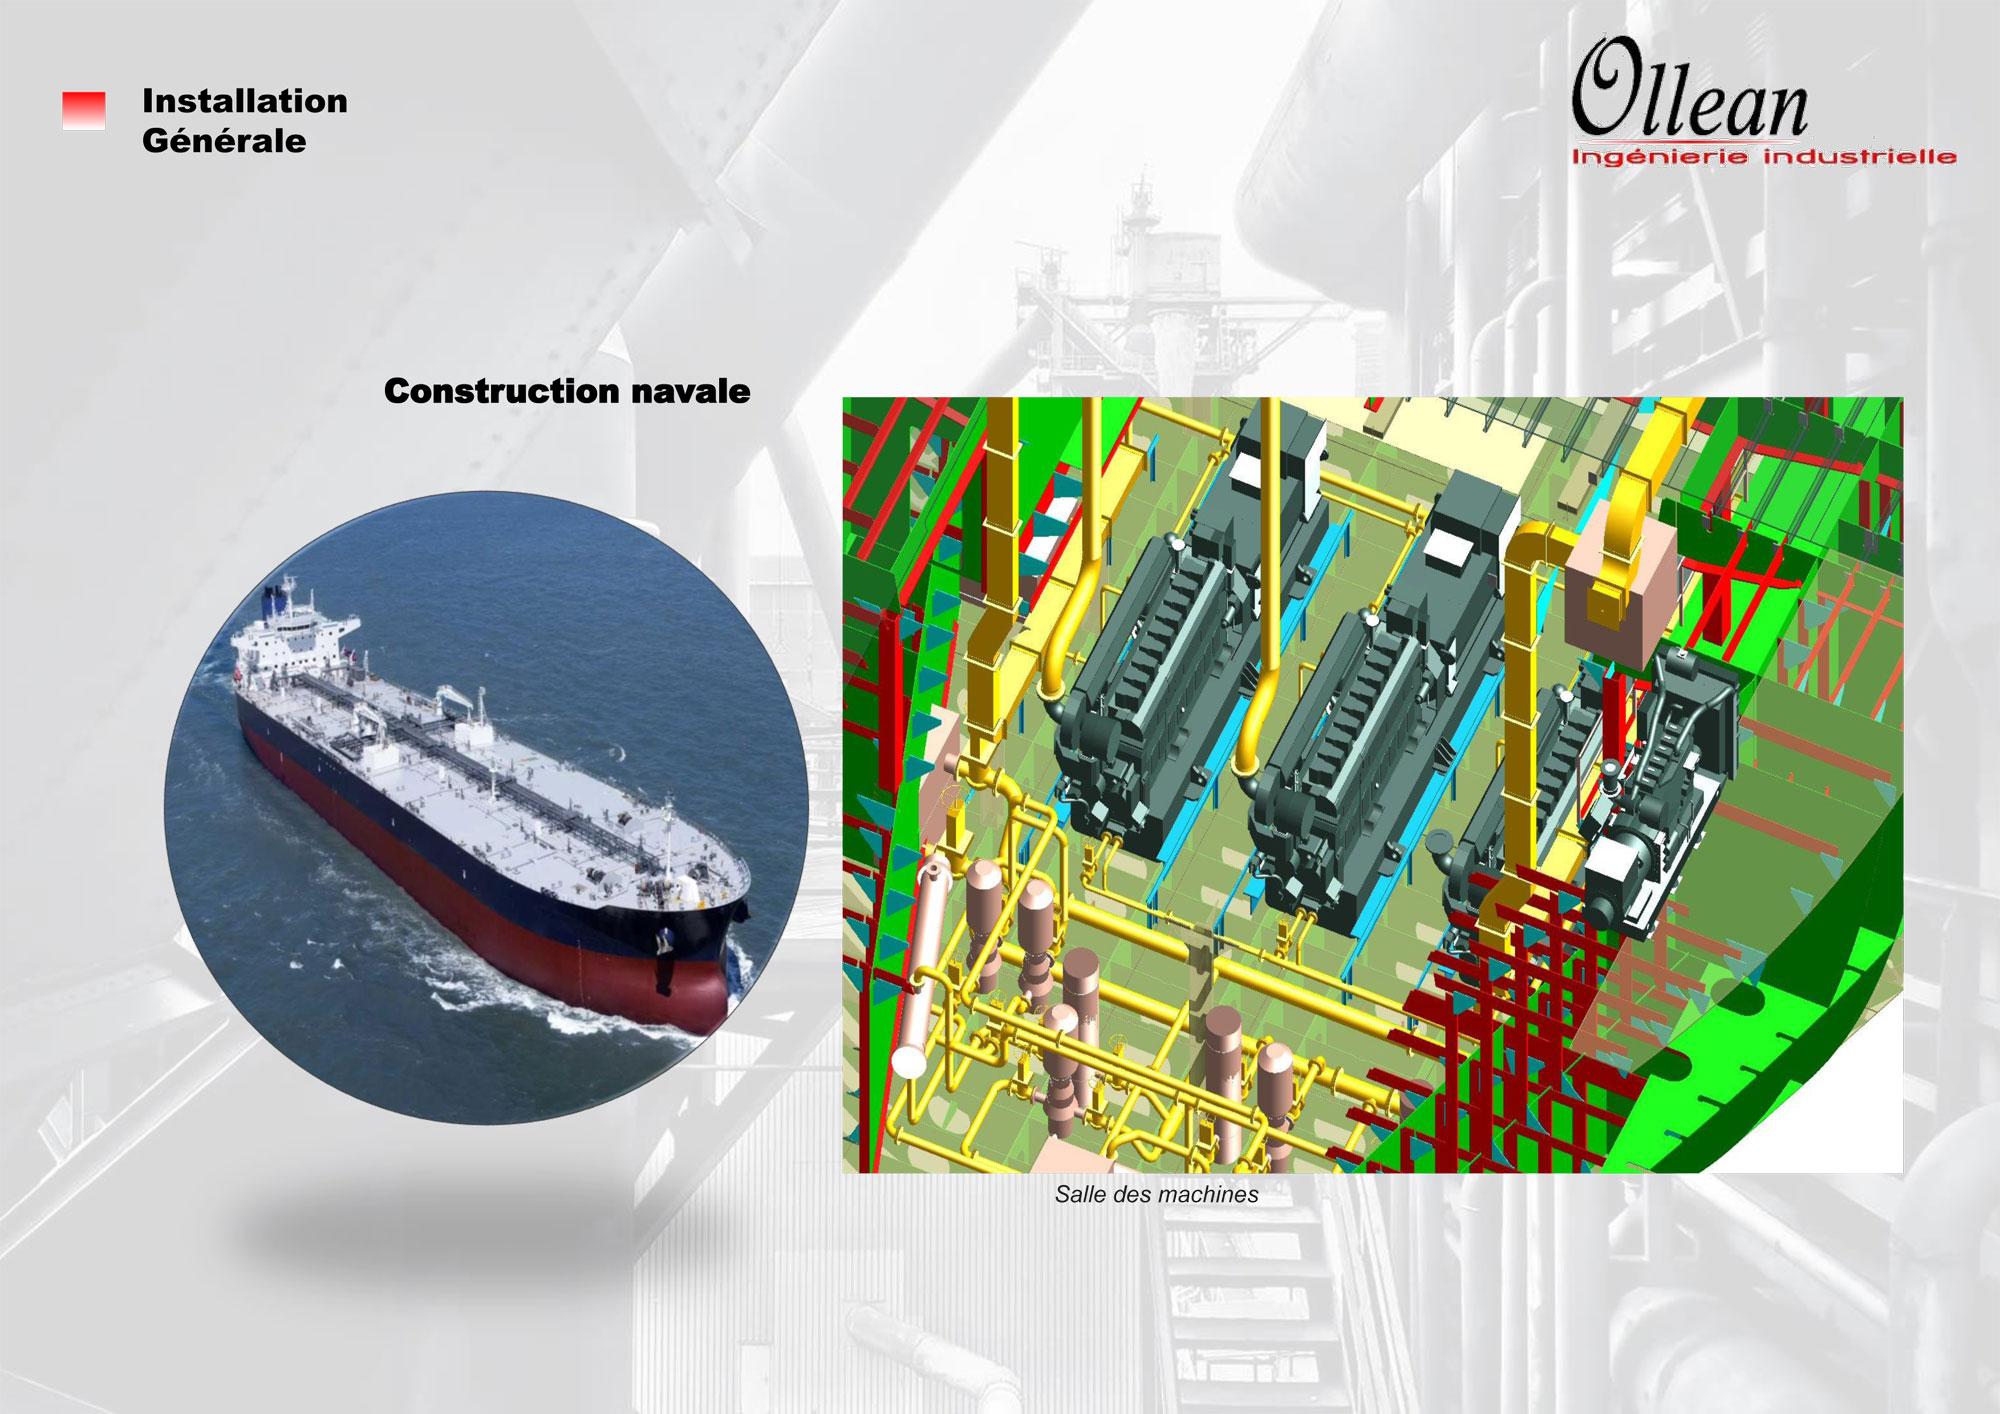 Installation générale - Construction navale